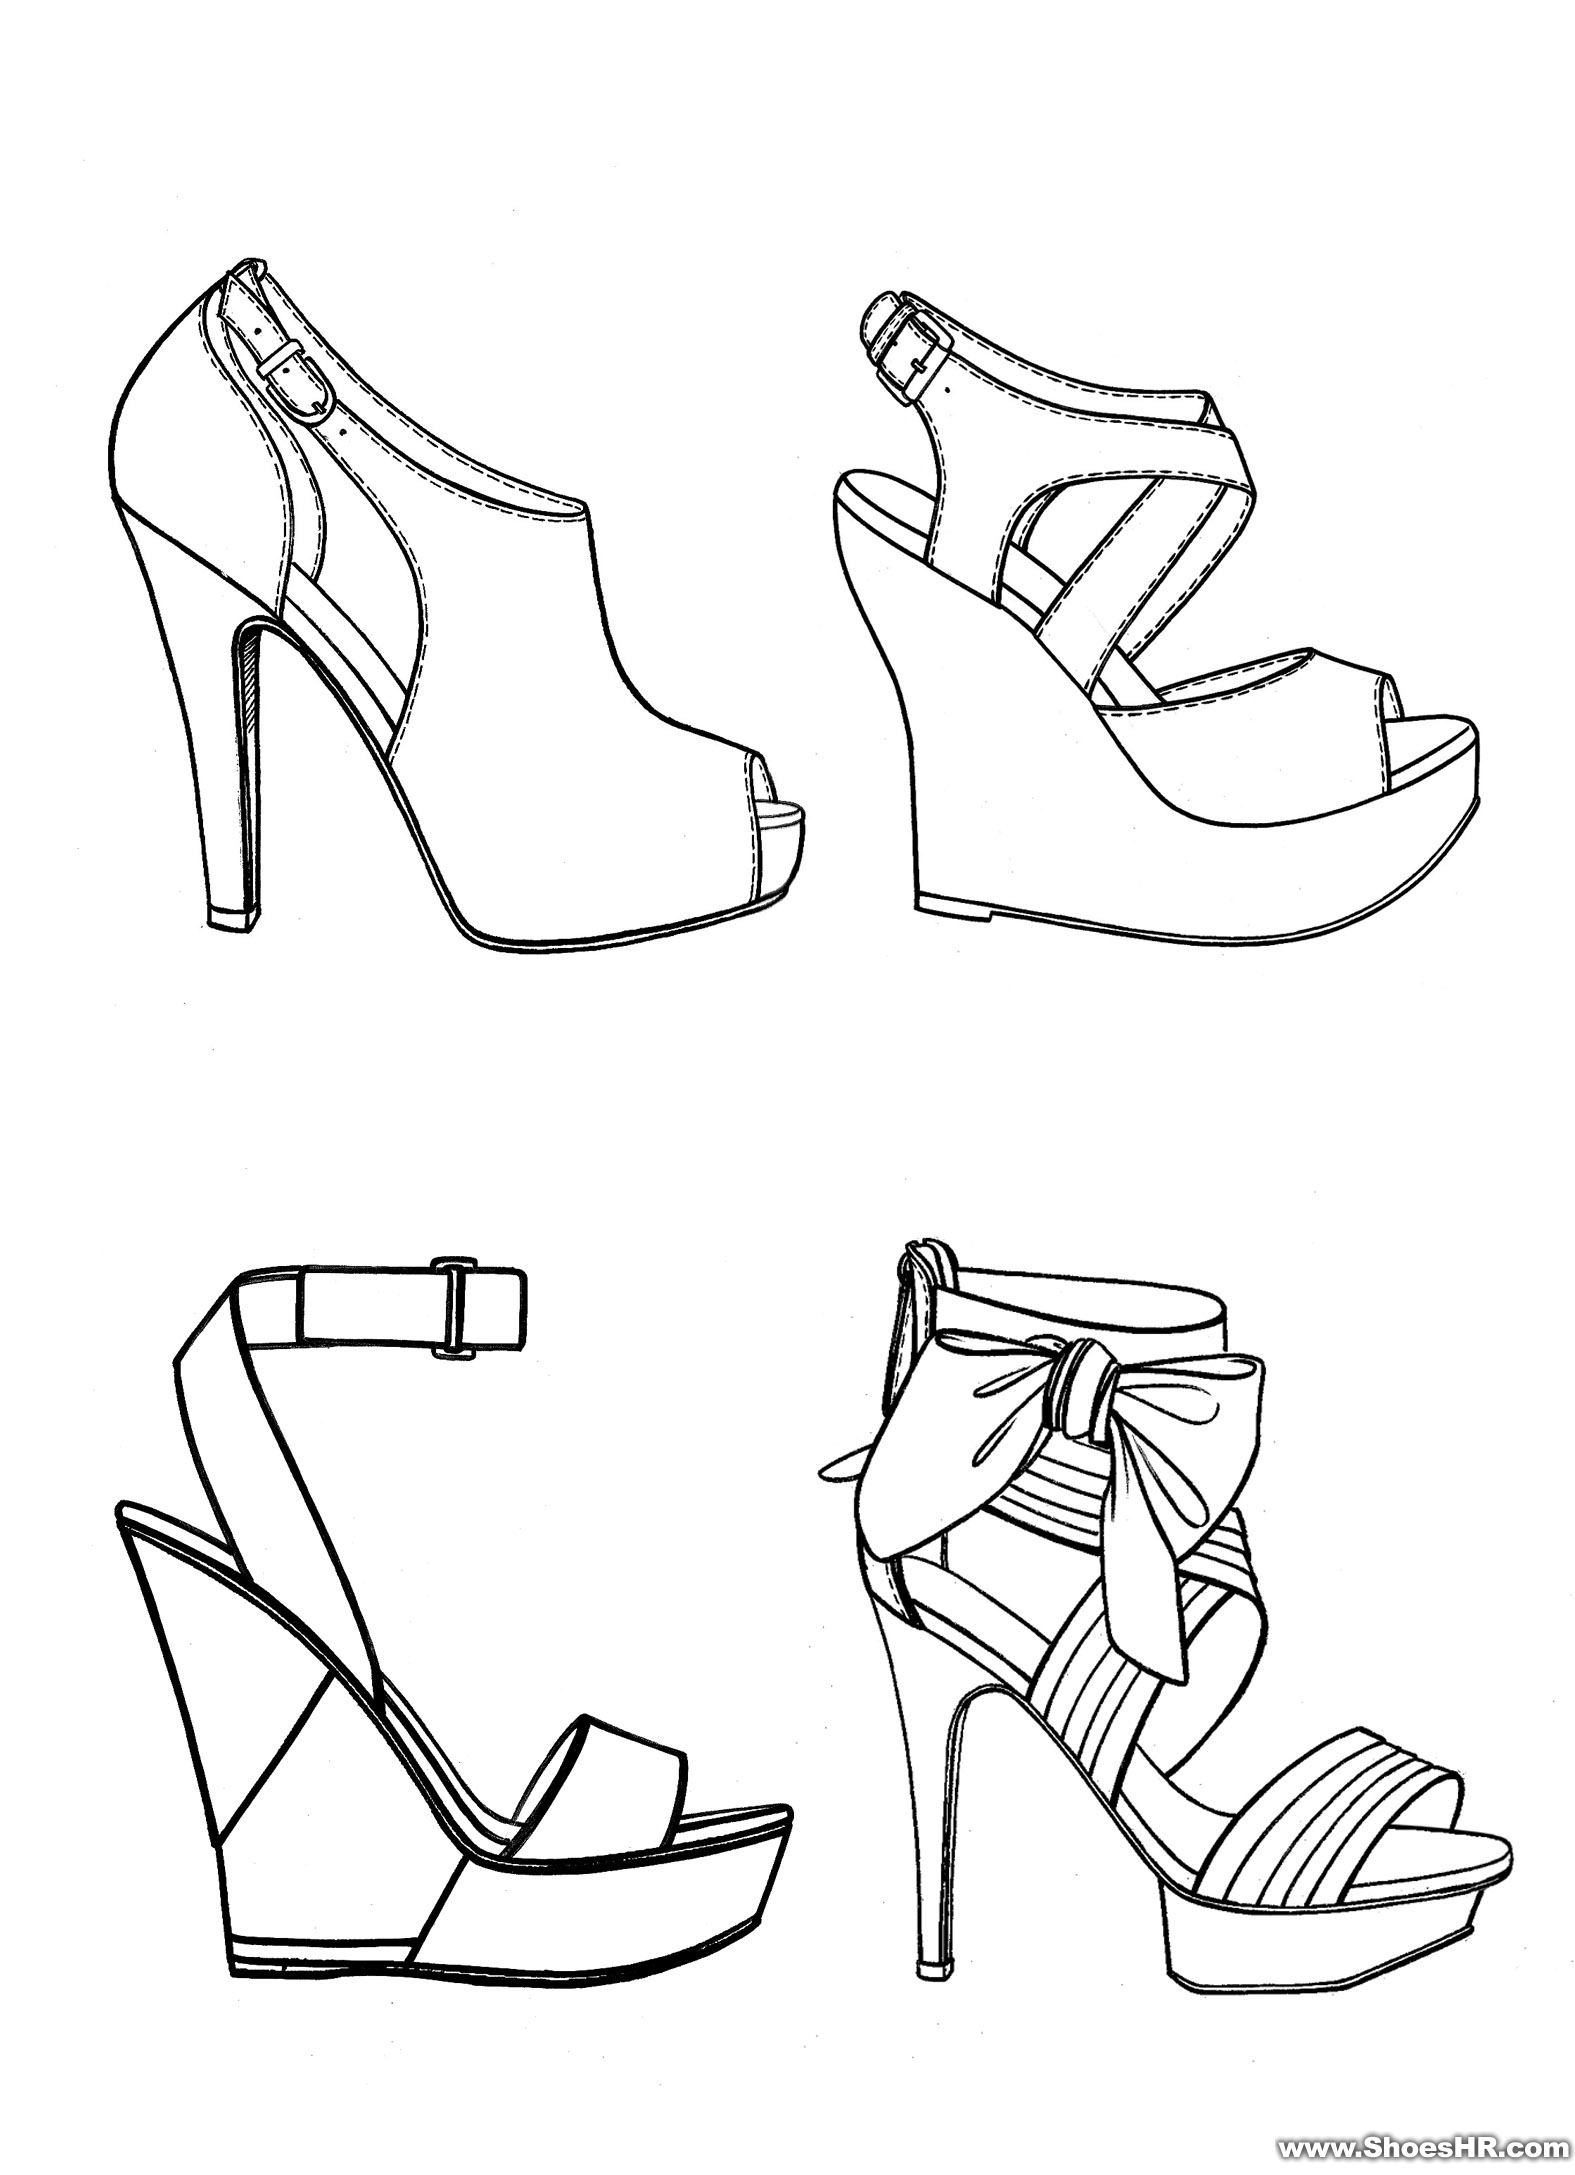 手绘图,锋哥--中国鞋业设计师网